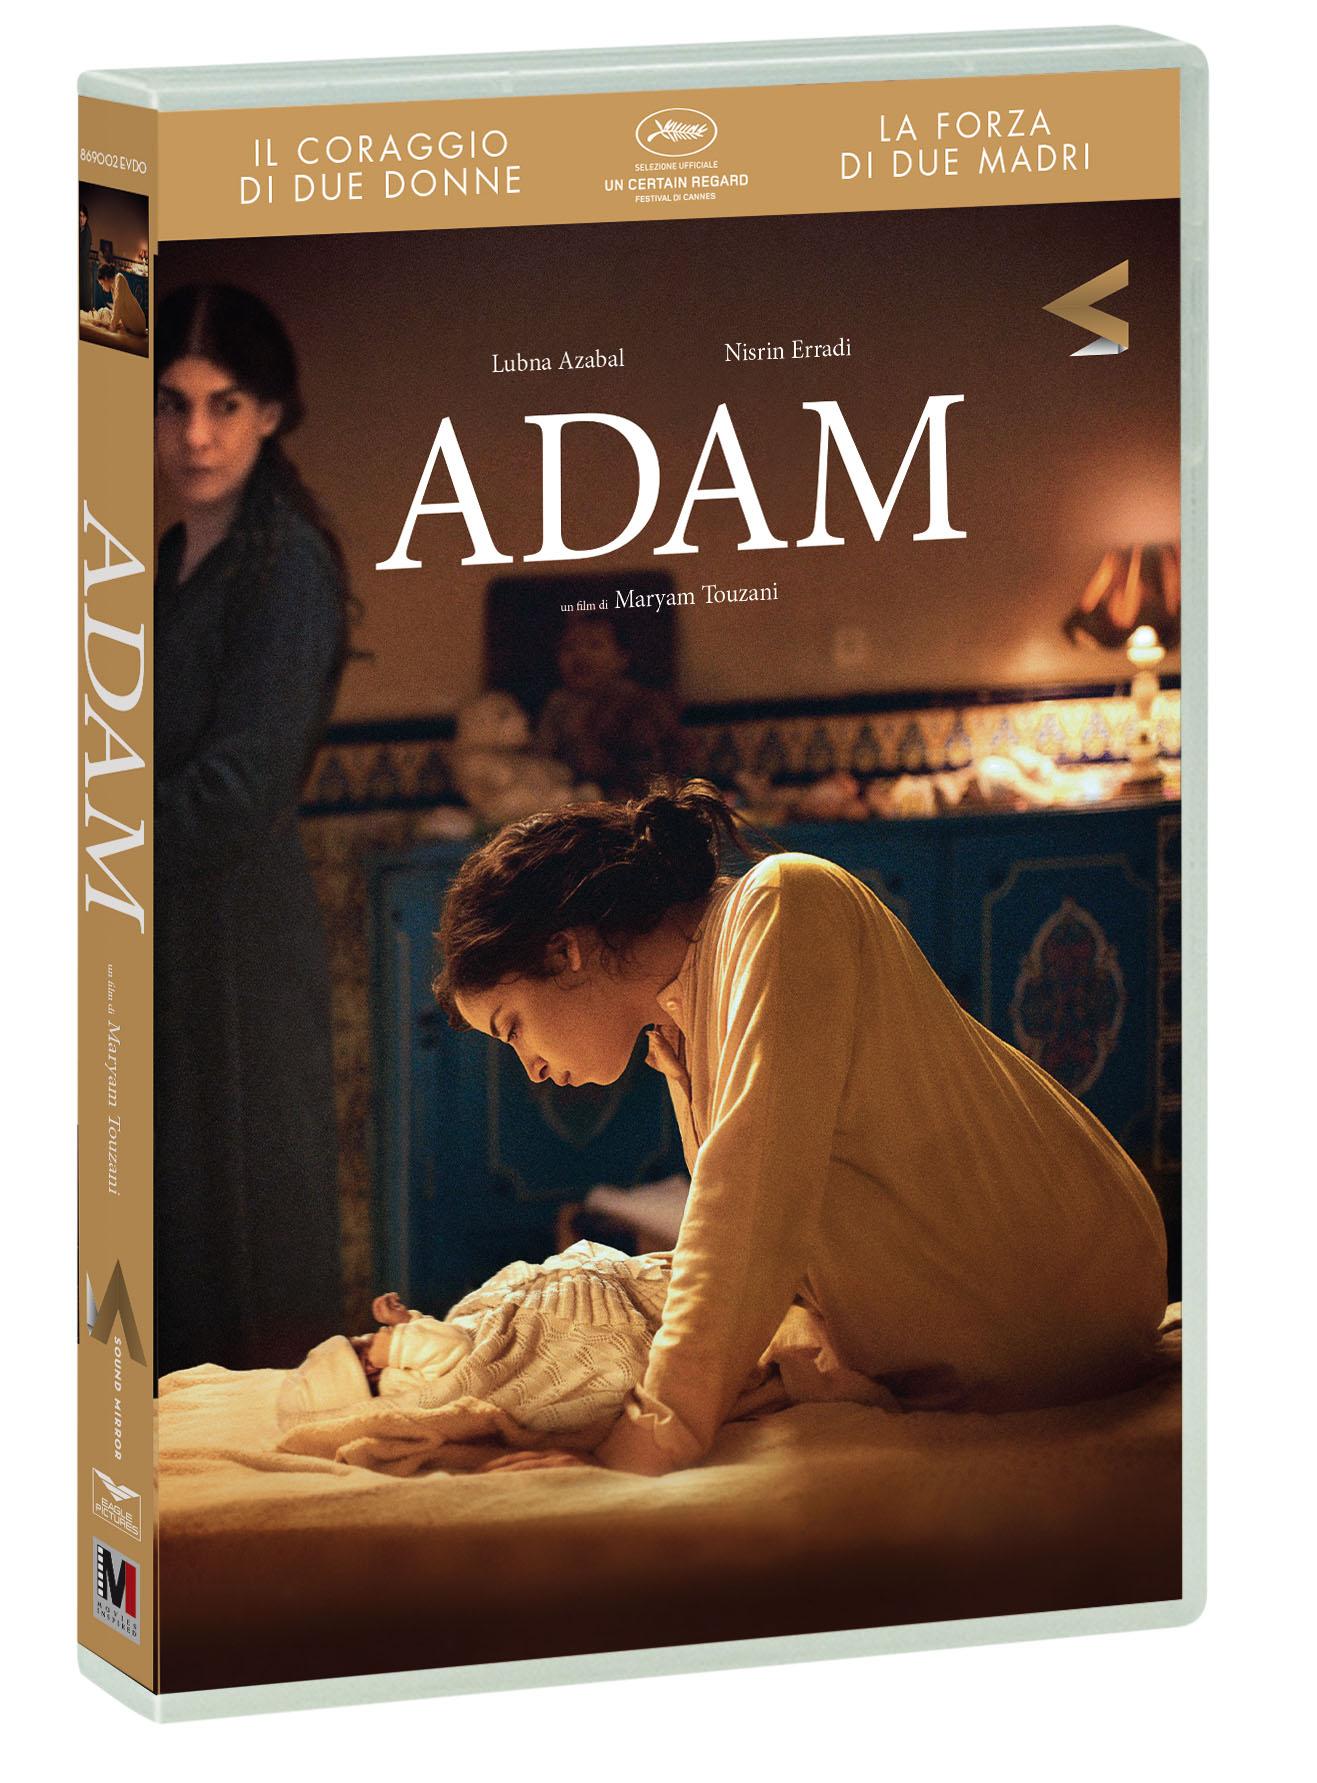 ADAM (DVD)